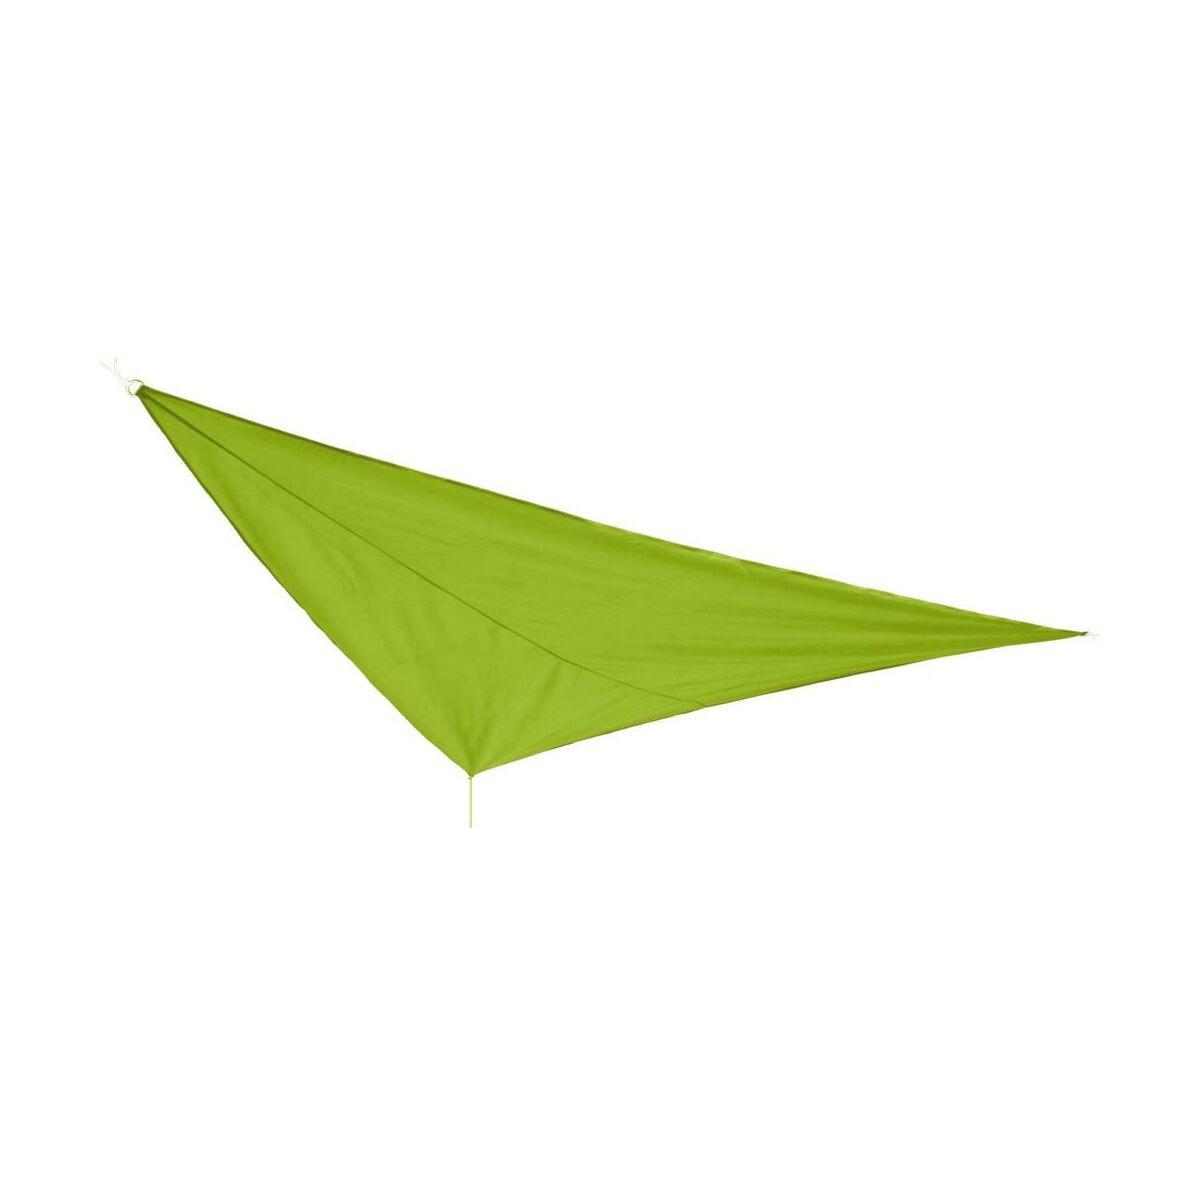 Zagiel Cieniujacy Trojkatny 360 Cm Zielony Zagle Cieniujace Oslony W Atrakcyjnej Cenie W Sklepach Leroy Merlin